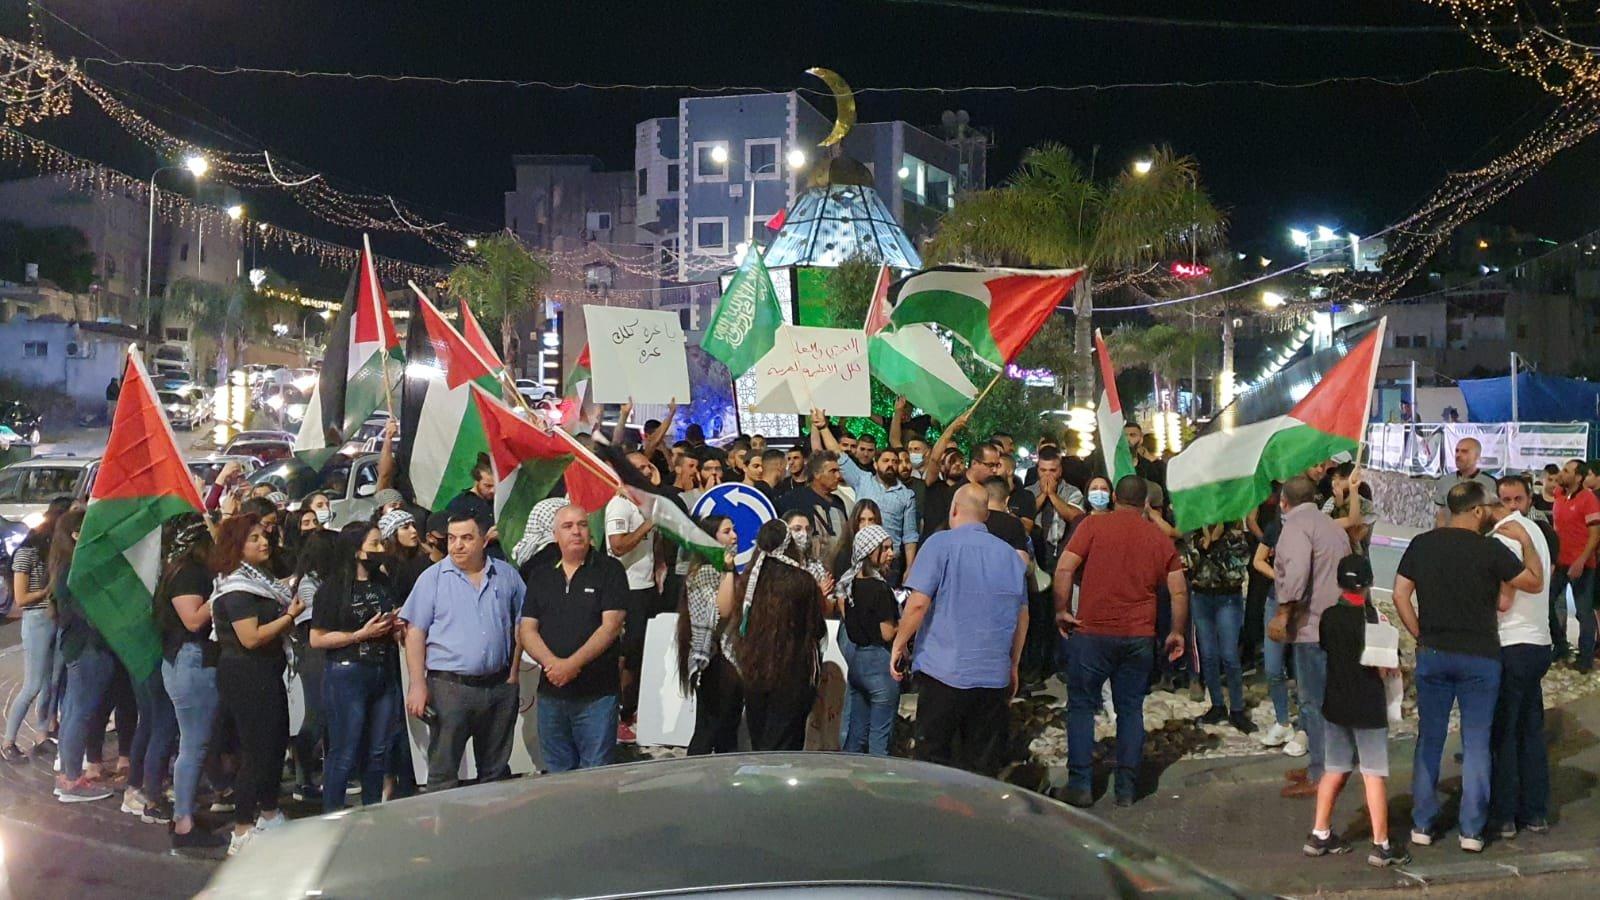 تابعوا الأخبار من مختلف البلدات: مظاهرات حاشدة، اليكم الملخص والصور-26